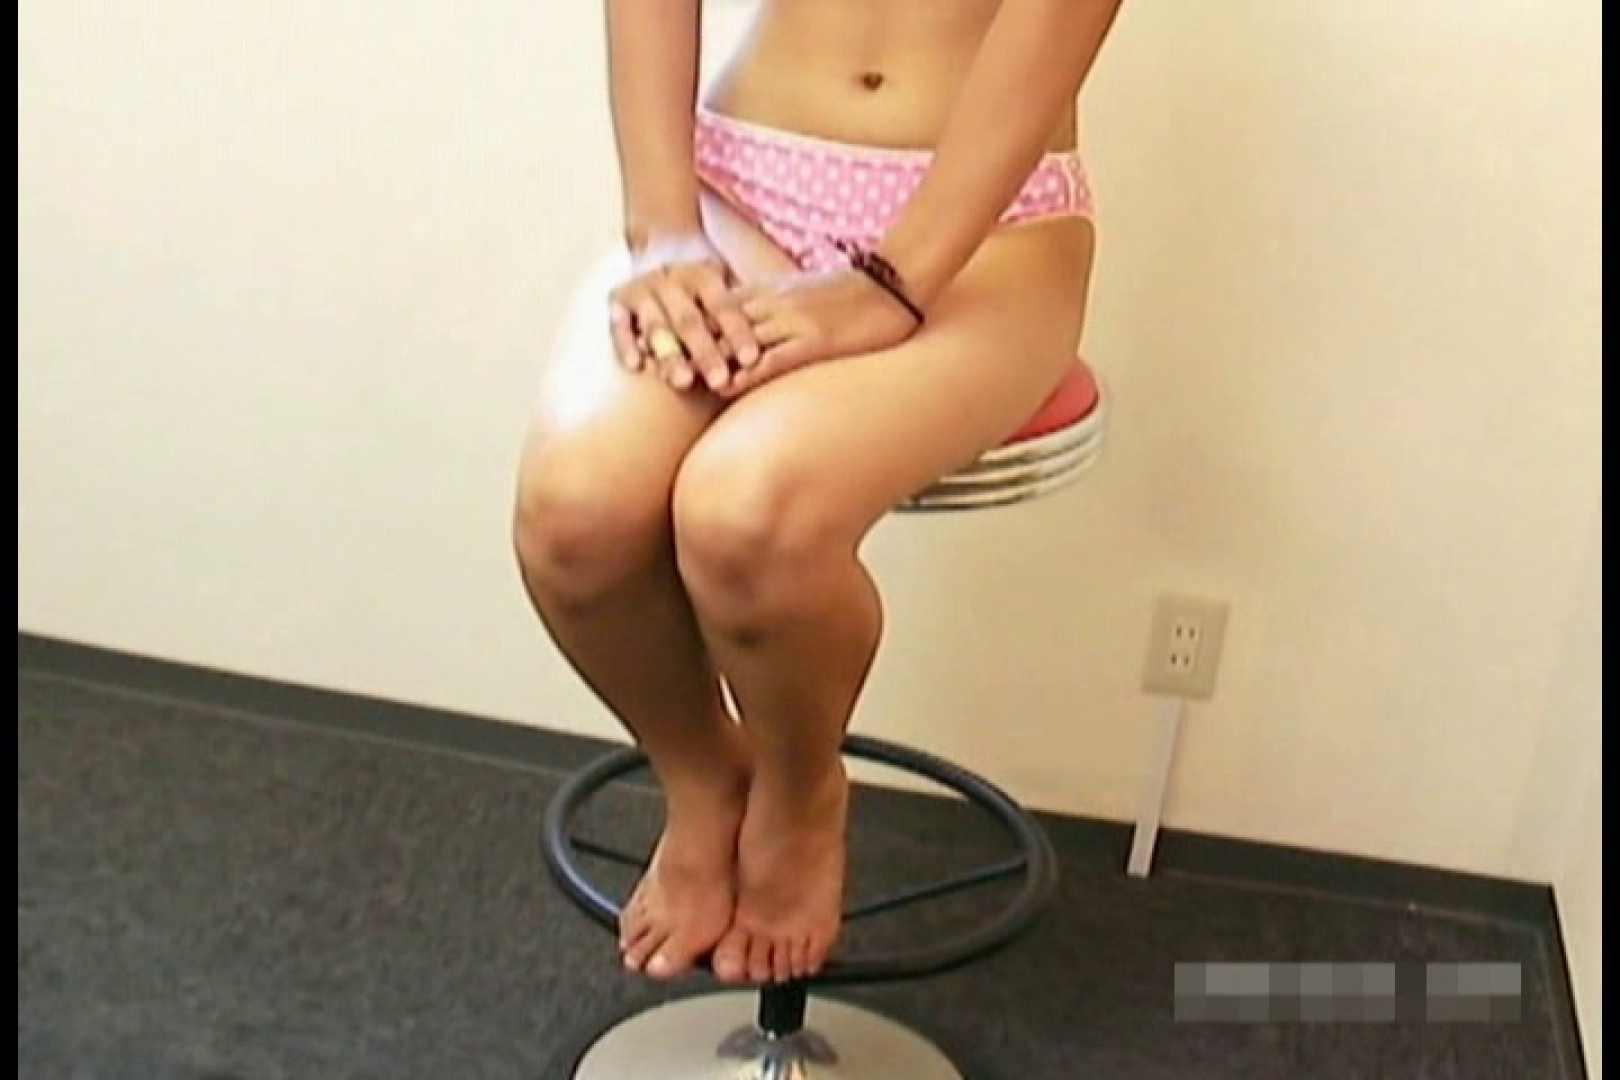 素人撮影 下着だけの撮影のはずが・・・エミちゃん18歳 オマンコ無修正 スケベ動画紹介 107pic 24